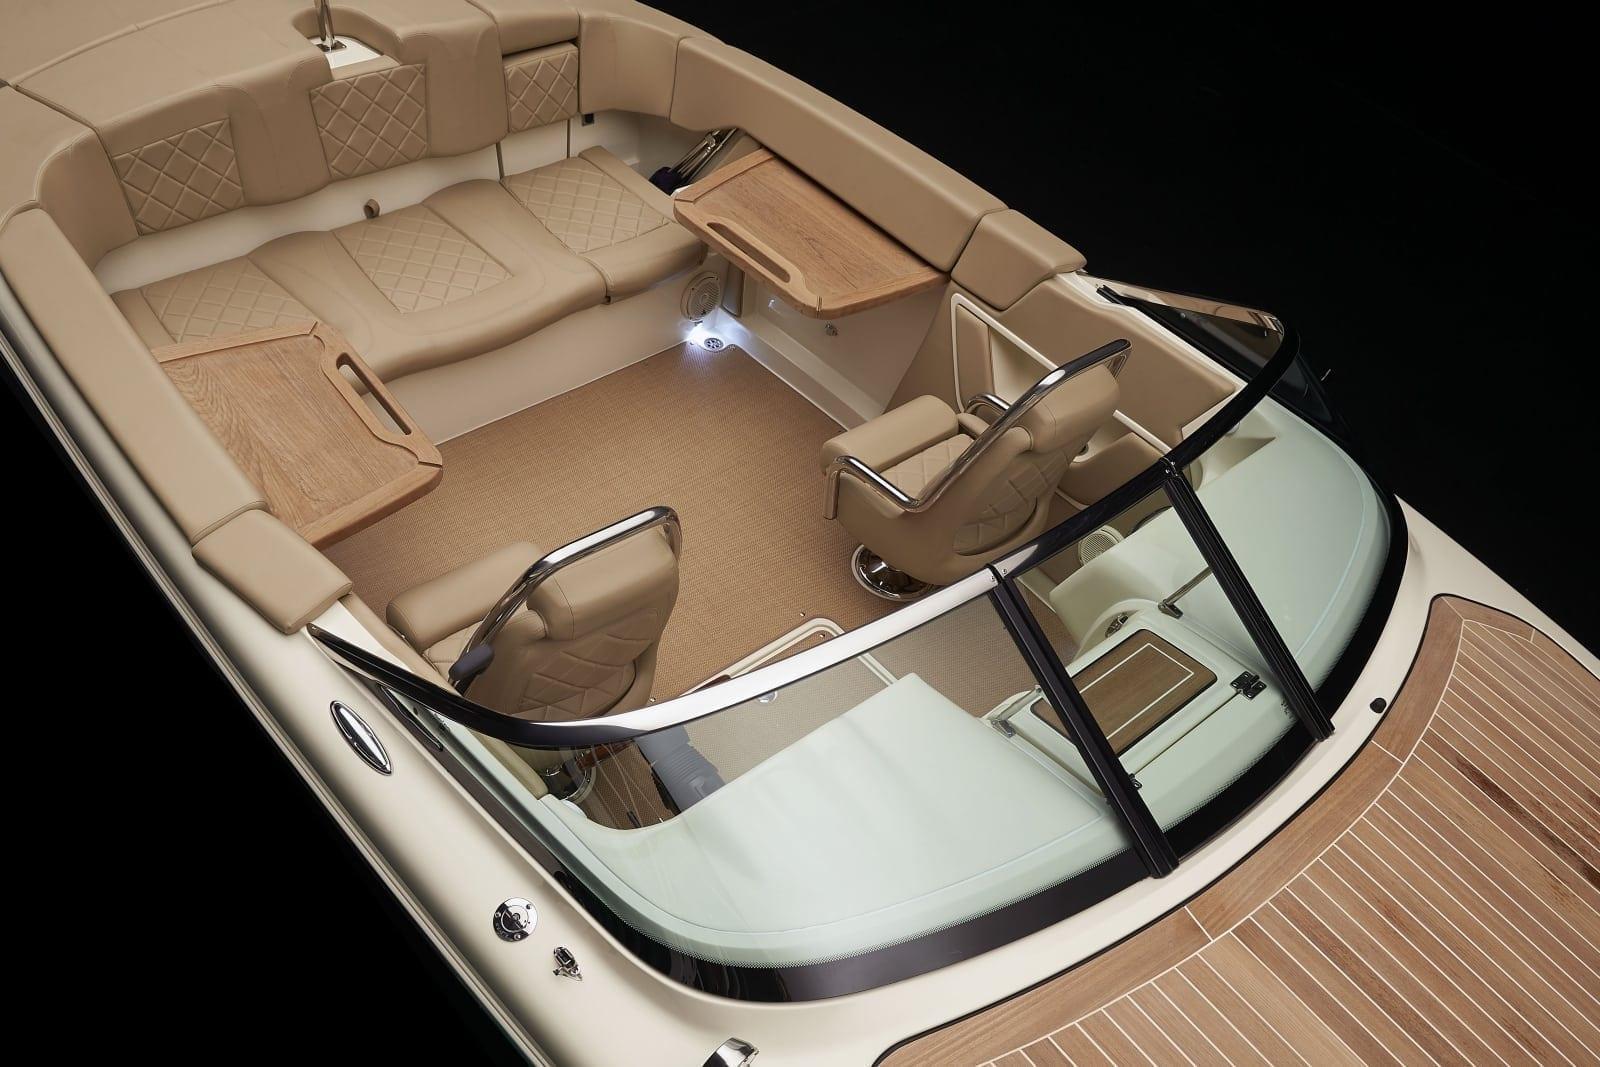 Chris Craft Capri 27 Seating Configuration